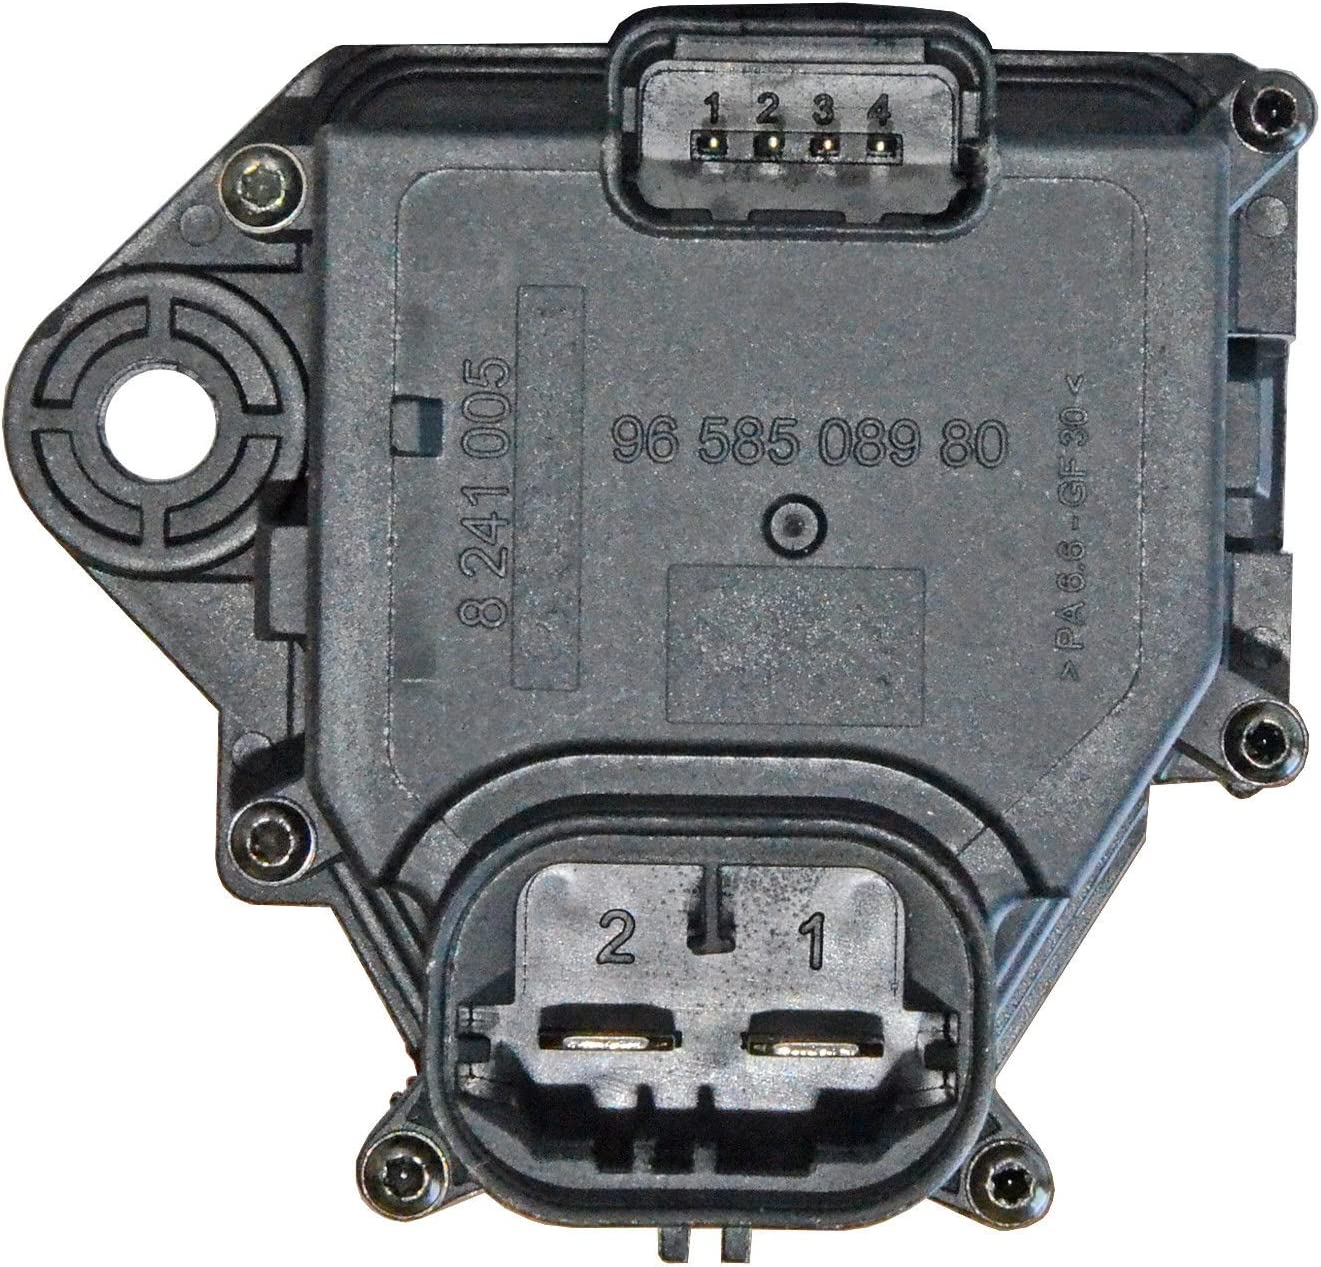 PEUGEOT 207 2006-NUOVA Ventola Di Raffreddamento Del Radiatore Resistore Relè 9658508980